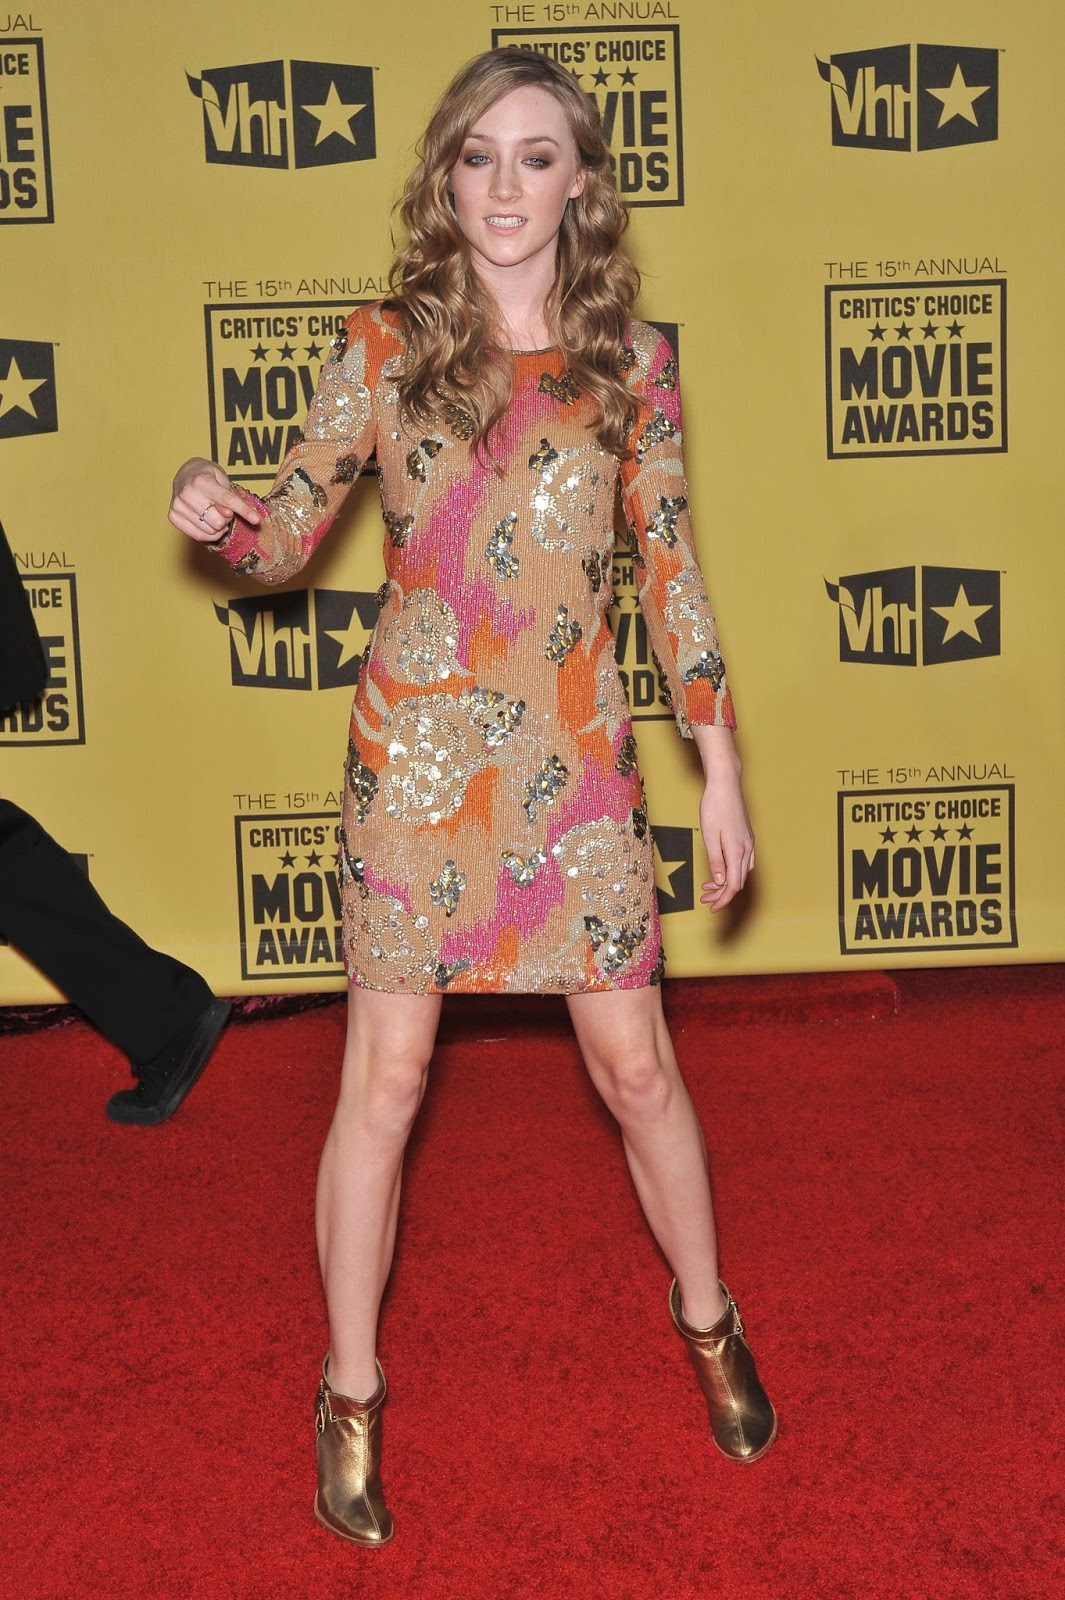 Brooklyn actress Saoirse Una Ronan Full HD Images, Photo & Wallpapers